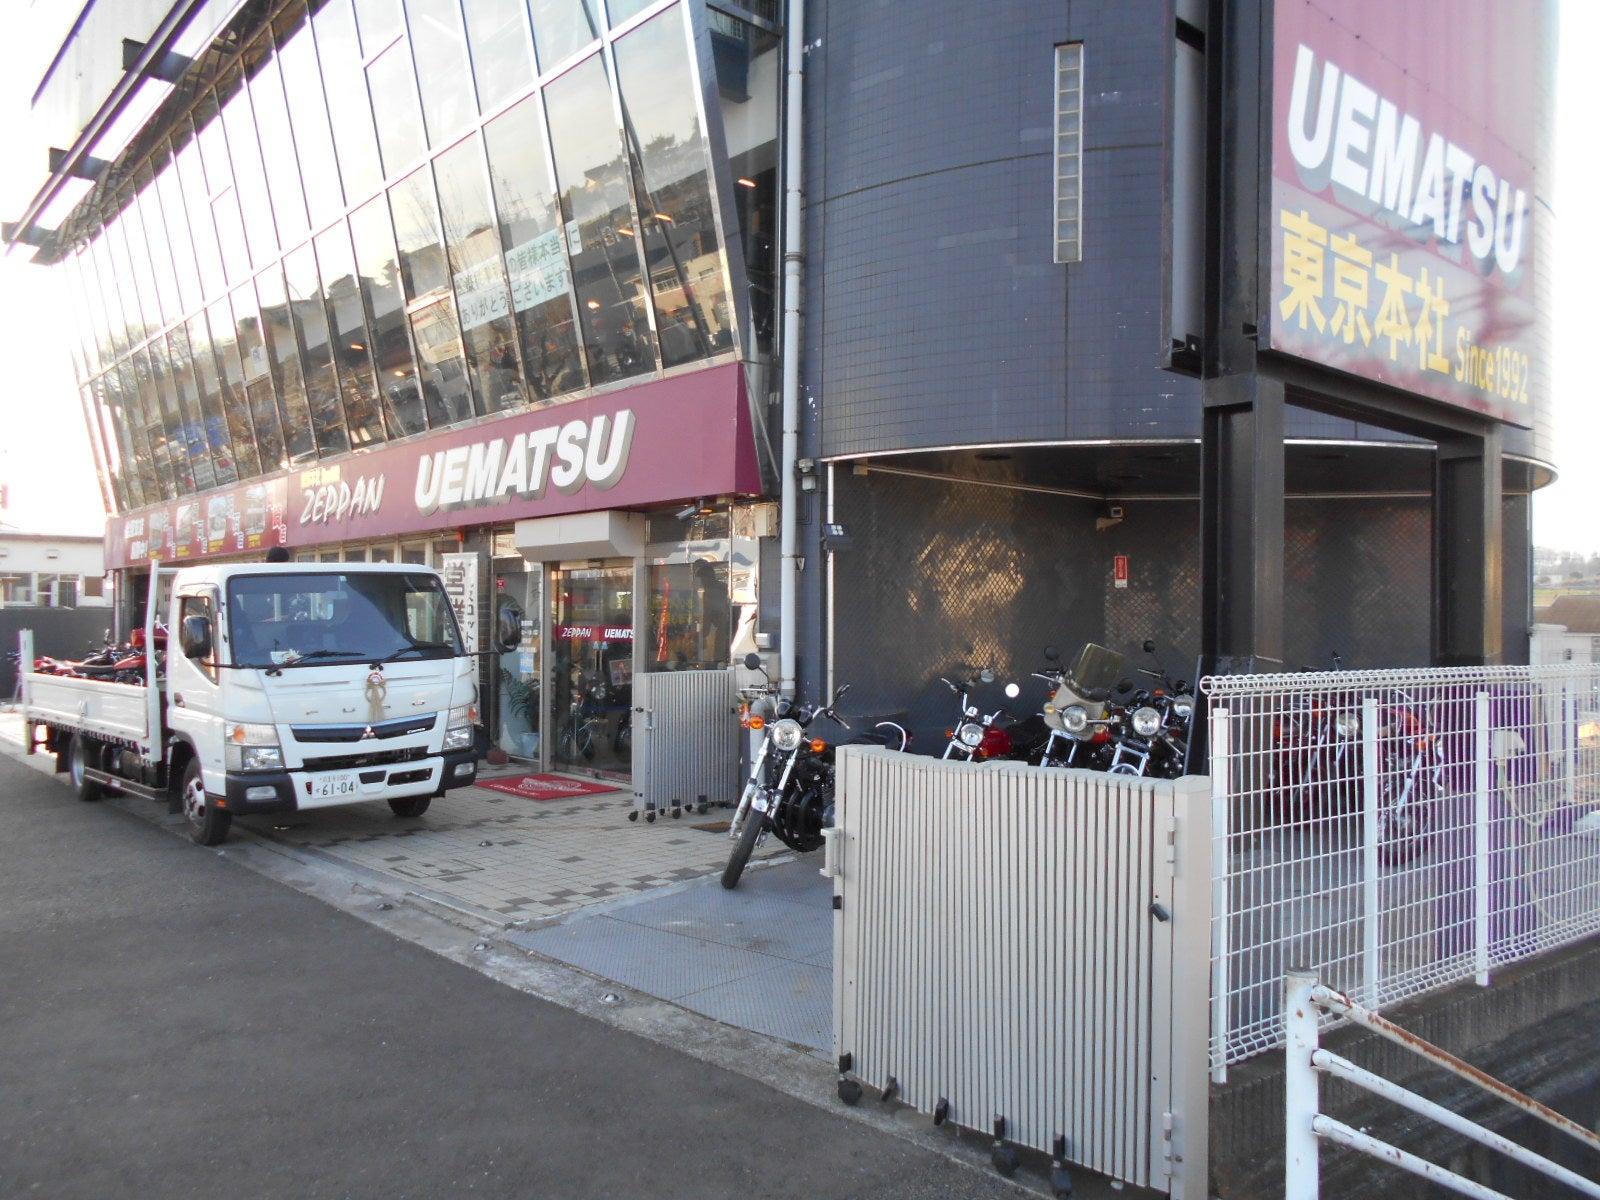 本日より、ウエマツ東京本社整備業務スタート! 納車整備の遅延解消に努めて参ります。